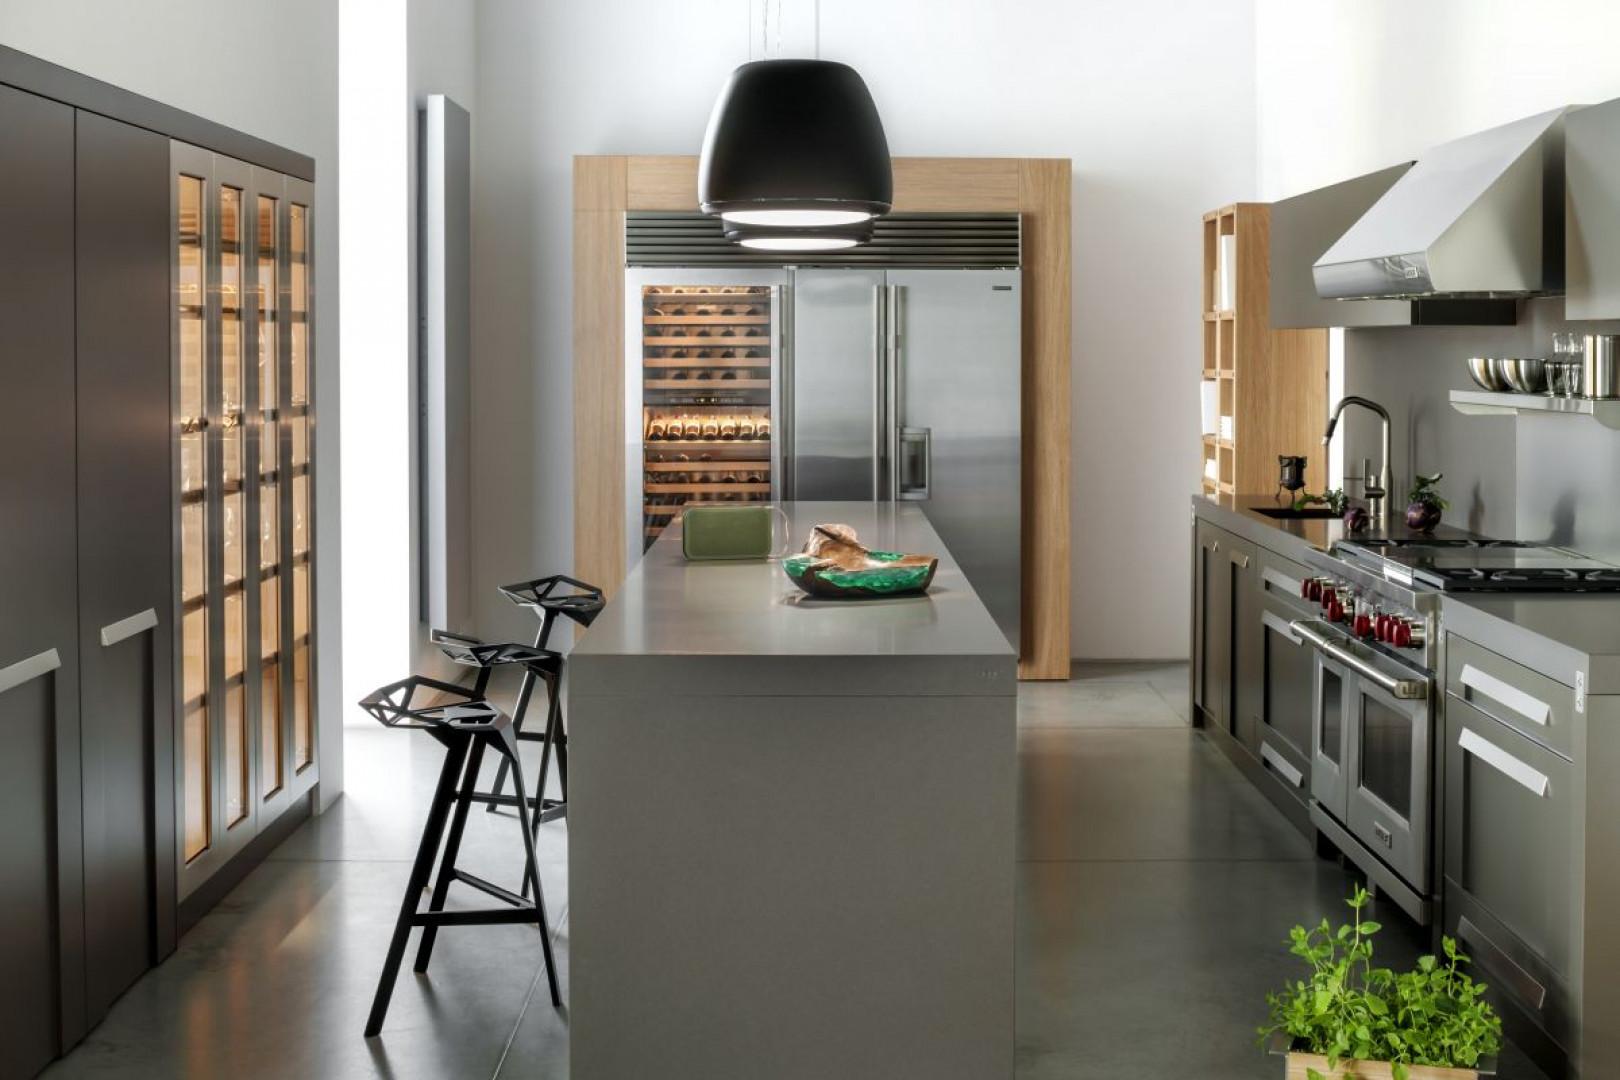 Szara kuchnia w industrialnym stylu z drewnianymi dodatkami. Fot. Zajc